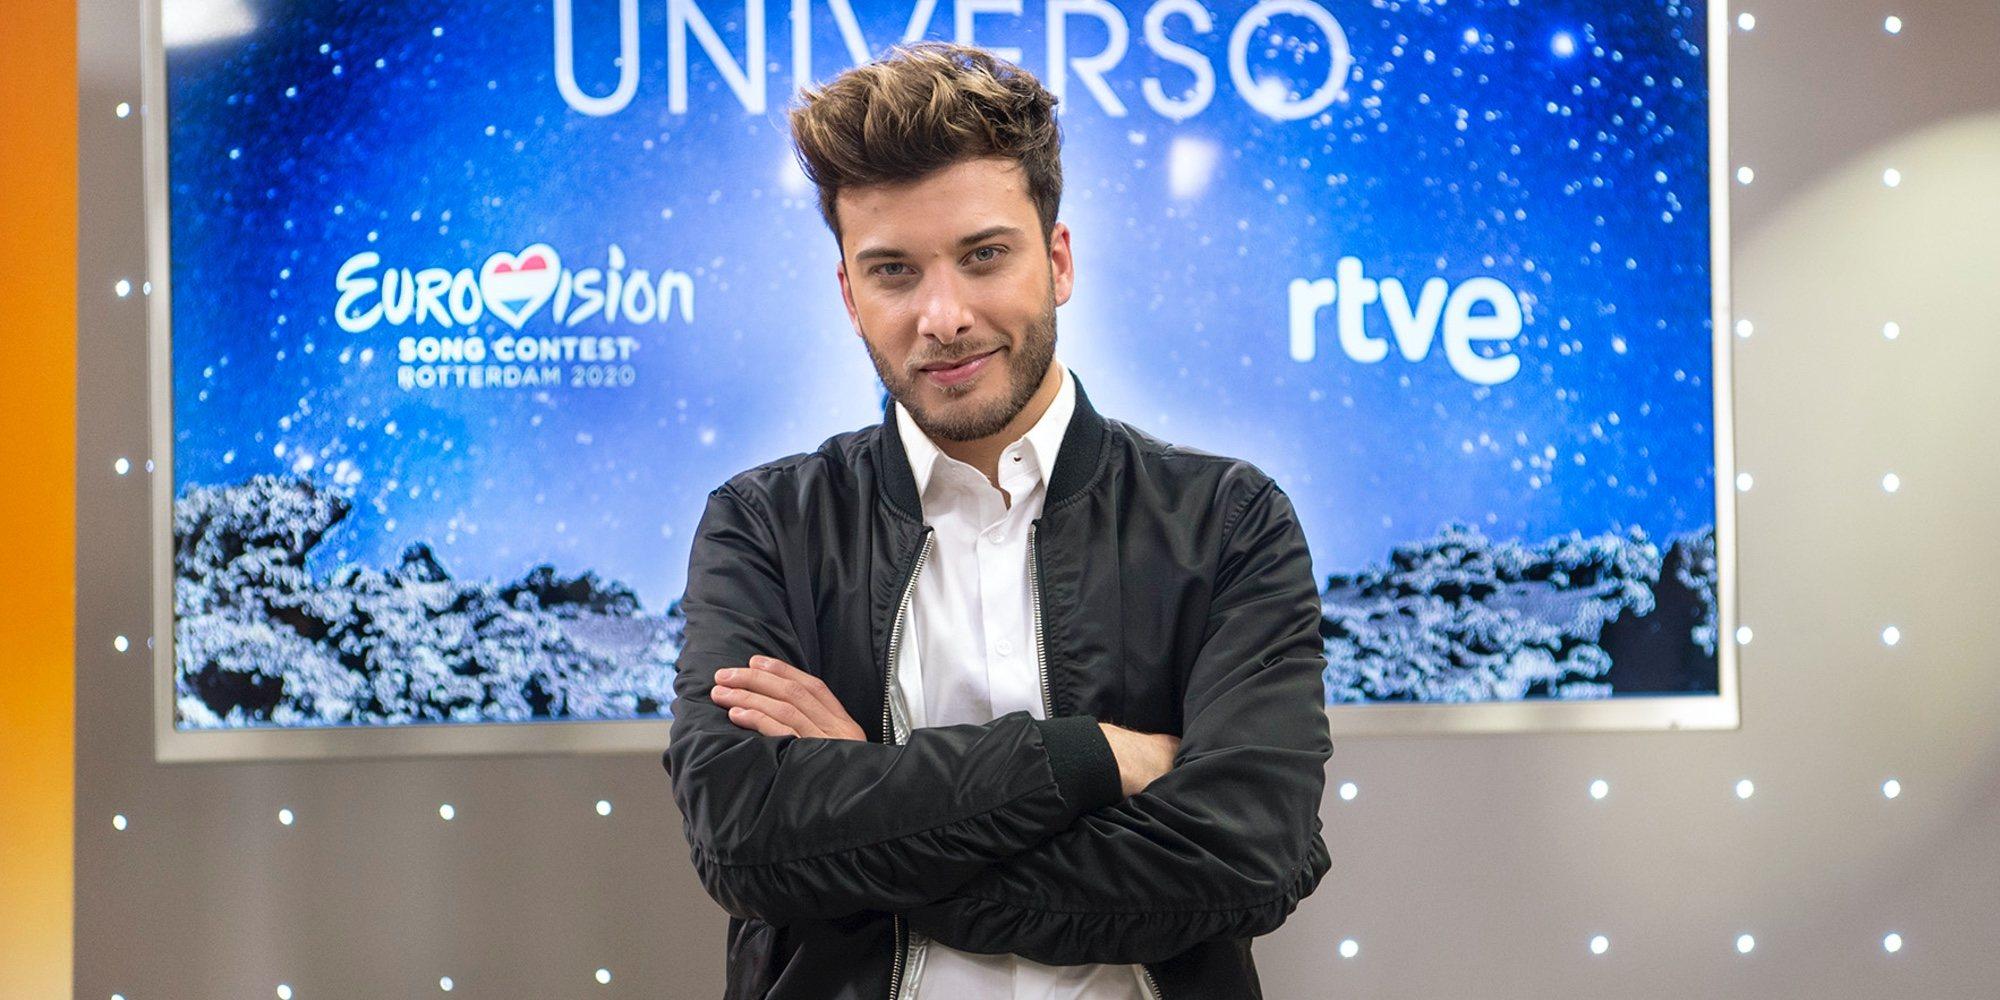 """Blas Cantó, de 'Universo' y Eurovisión 2020: """"Tengo alguna idea para la puesta en escena pero nada decidido"""""""